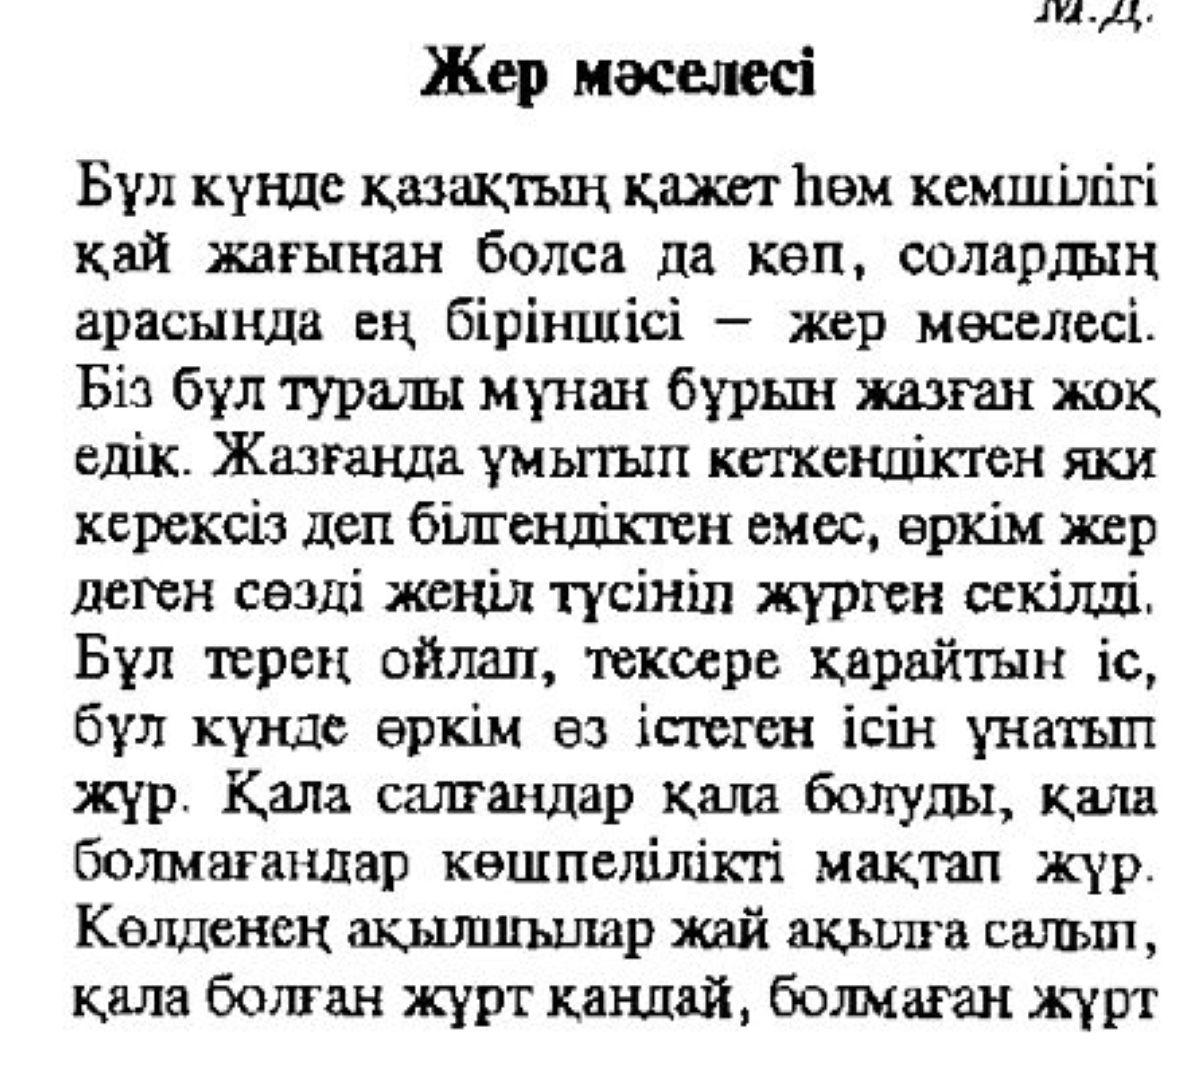 """Алаш қайраткерлері """"Қазақ"""" газетінде жер туралы қандай мәселе көтерді?"""